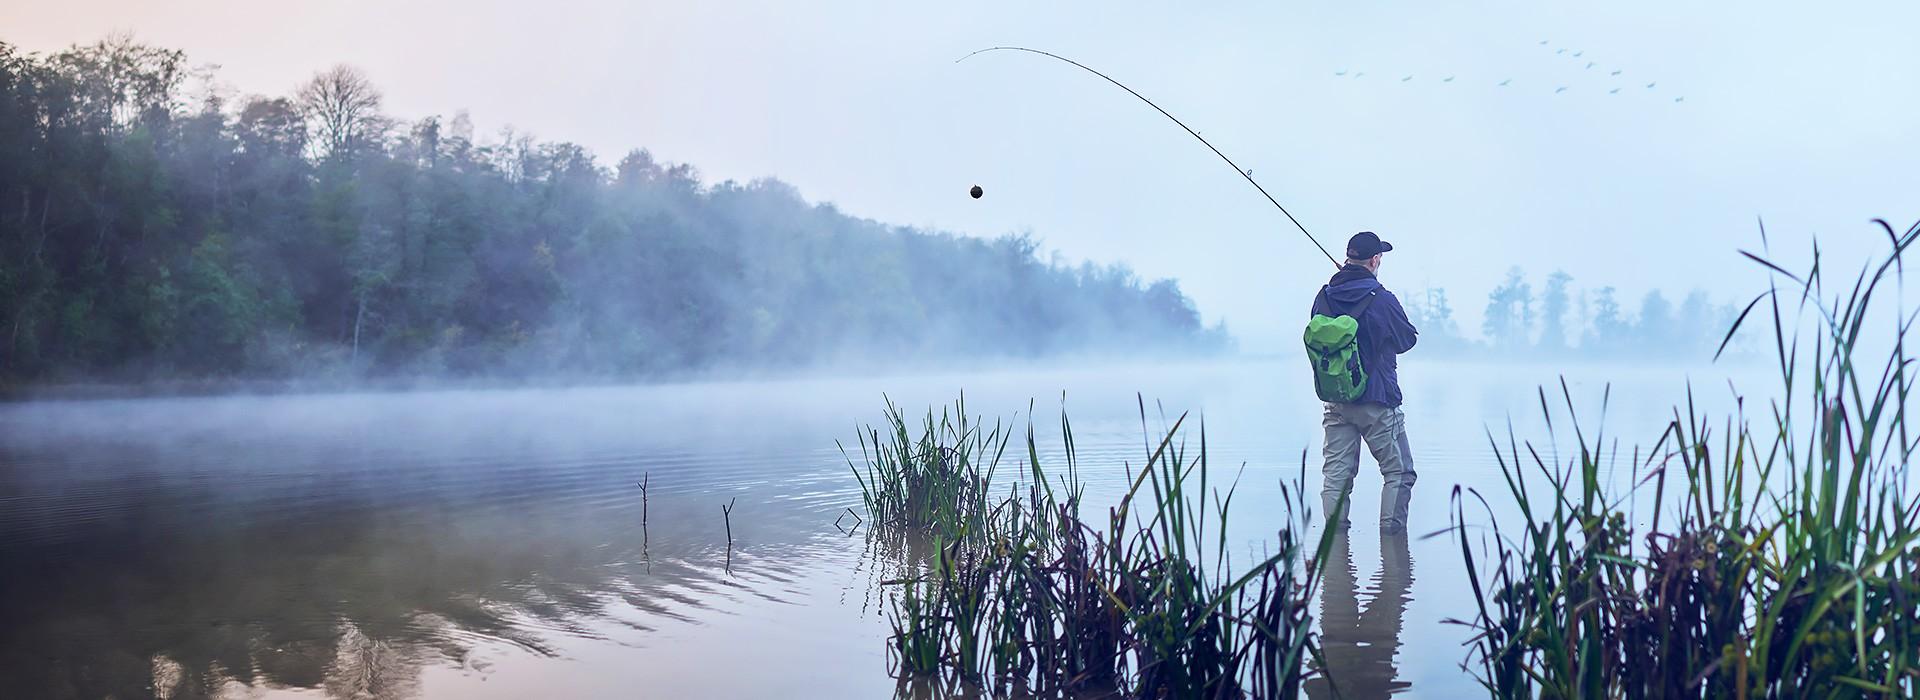 Préparez-vous pour laprochaine saison de pêchePêchez plus intelligemment à partir de 189,99€!